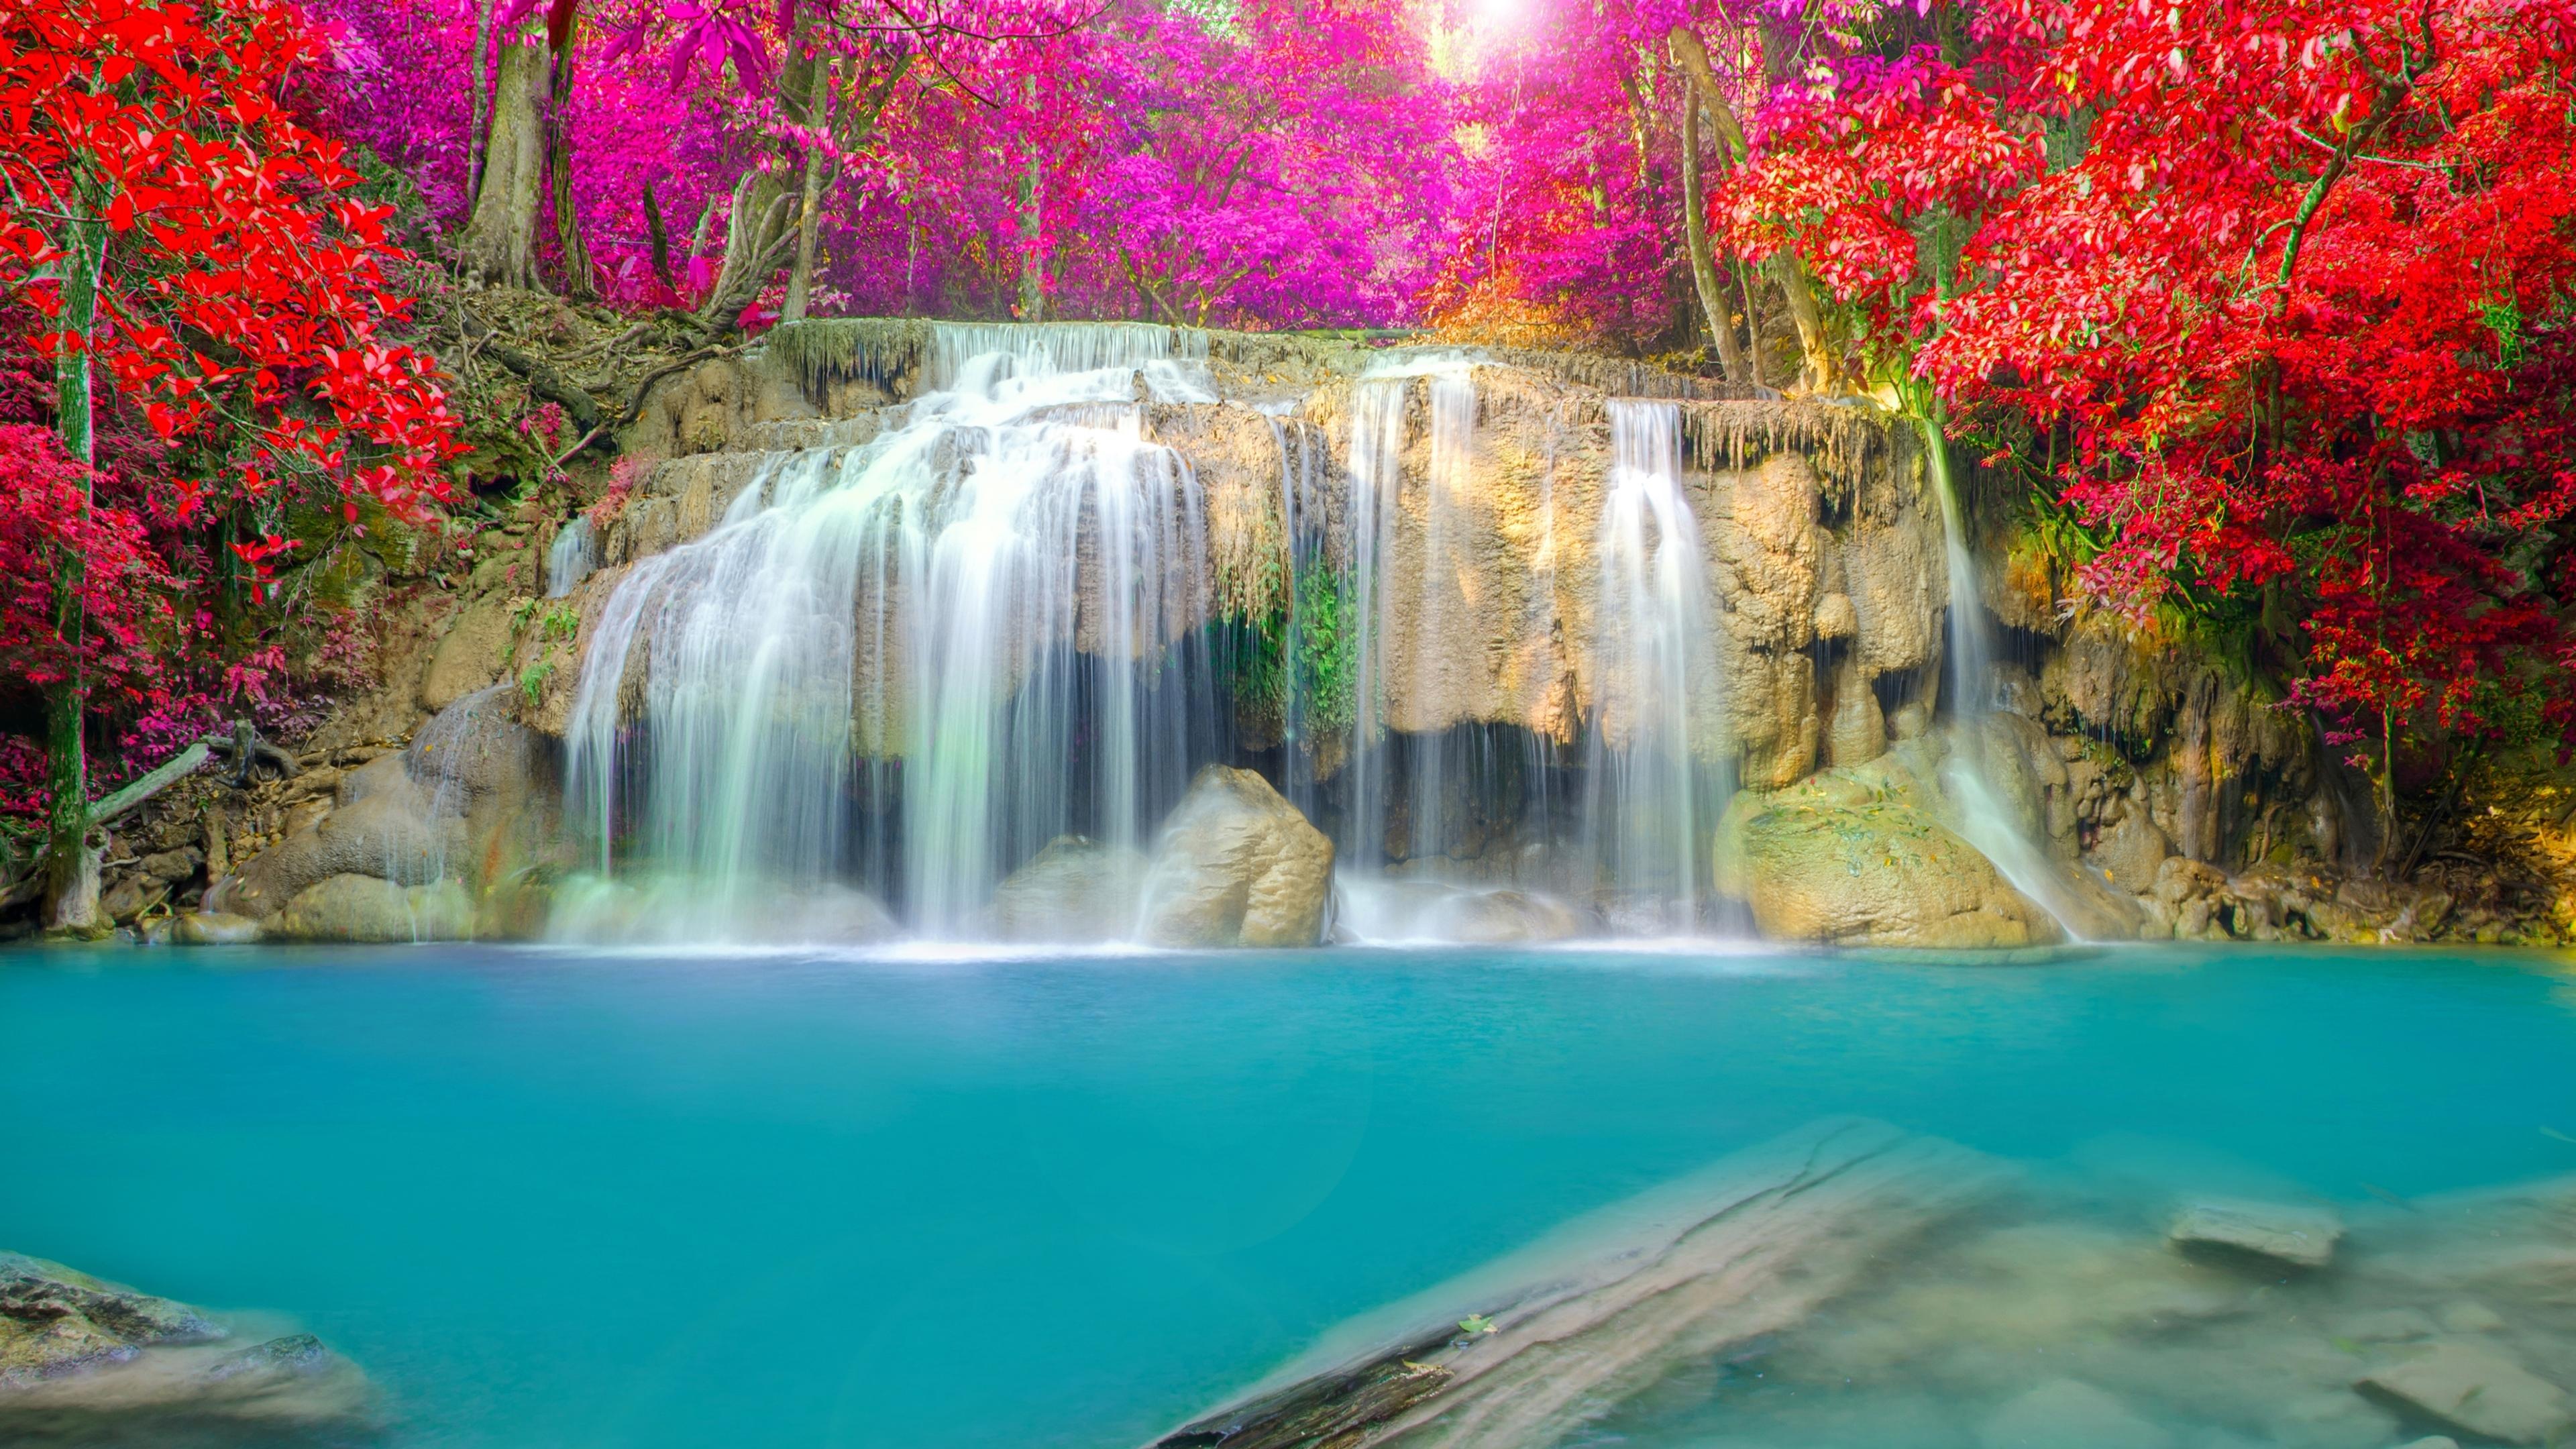 Hình ảnh thác nước cực đẹp